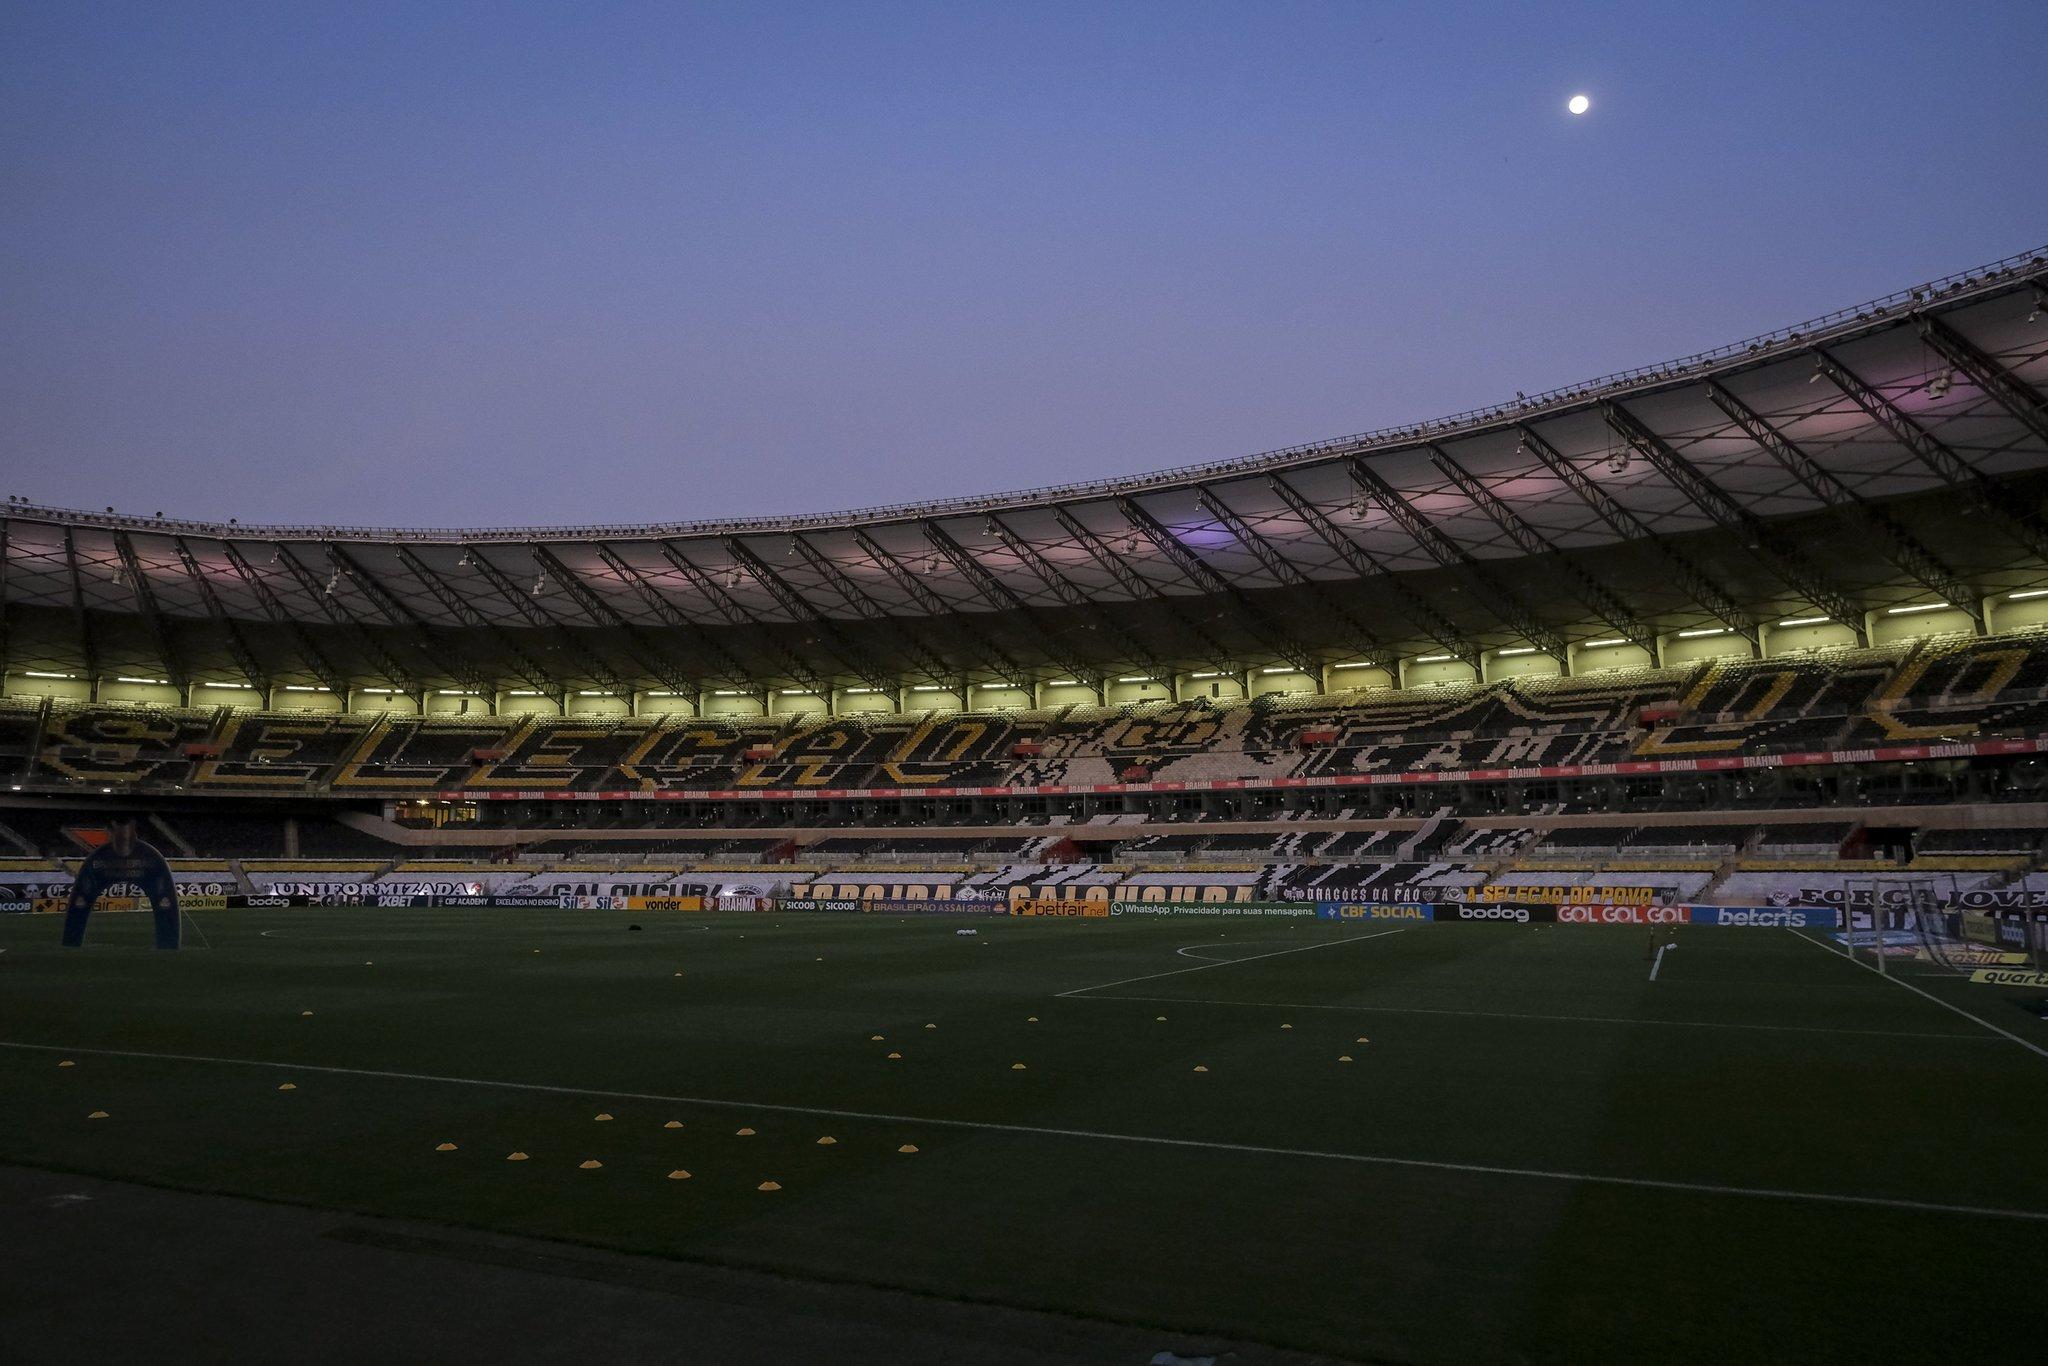 Com objetivos distintos, Atlético-MG e Ceará se enfrentam na noite deste domingo (10), às 16h, no Estádio Mineirão, em Belo Horizonte